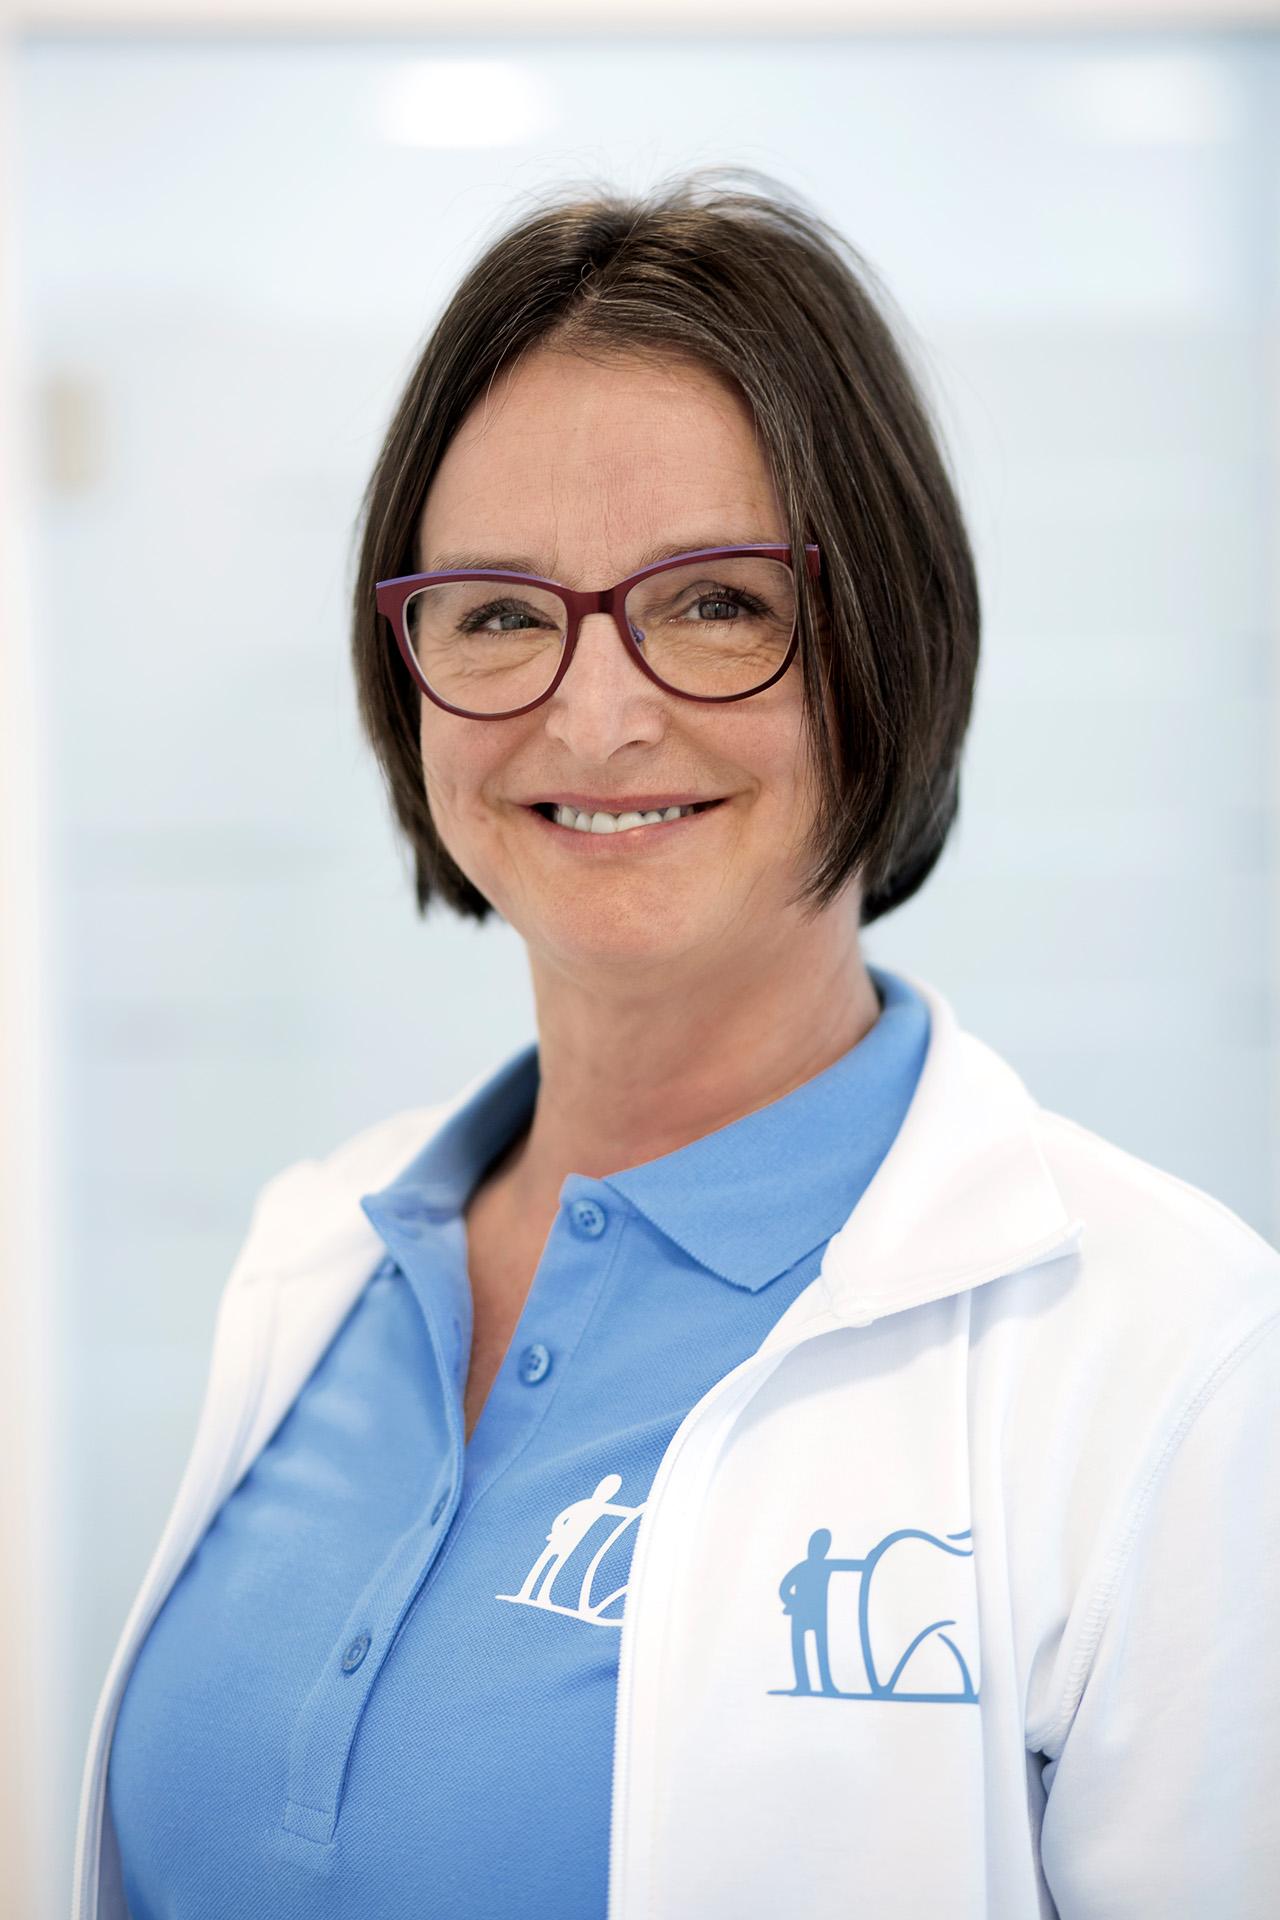 Karin Kleffmann